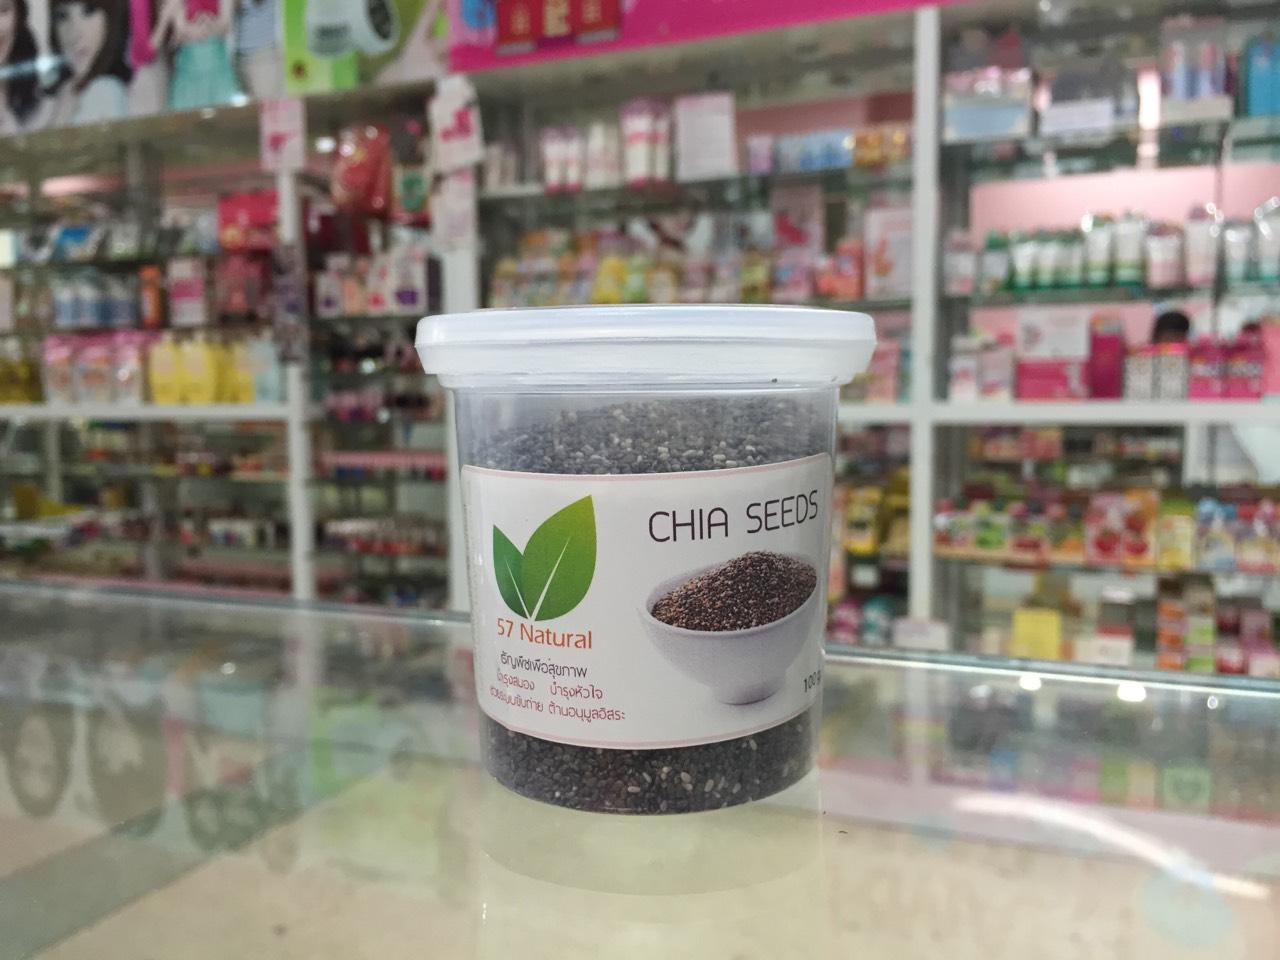 เมล็ดเซียเกรดดีที่สุด Chia Seed นำเข้าจากเม็กซิโก